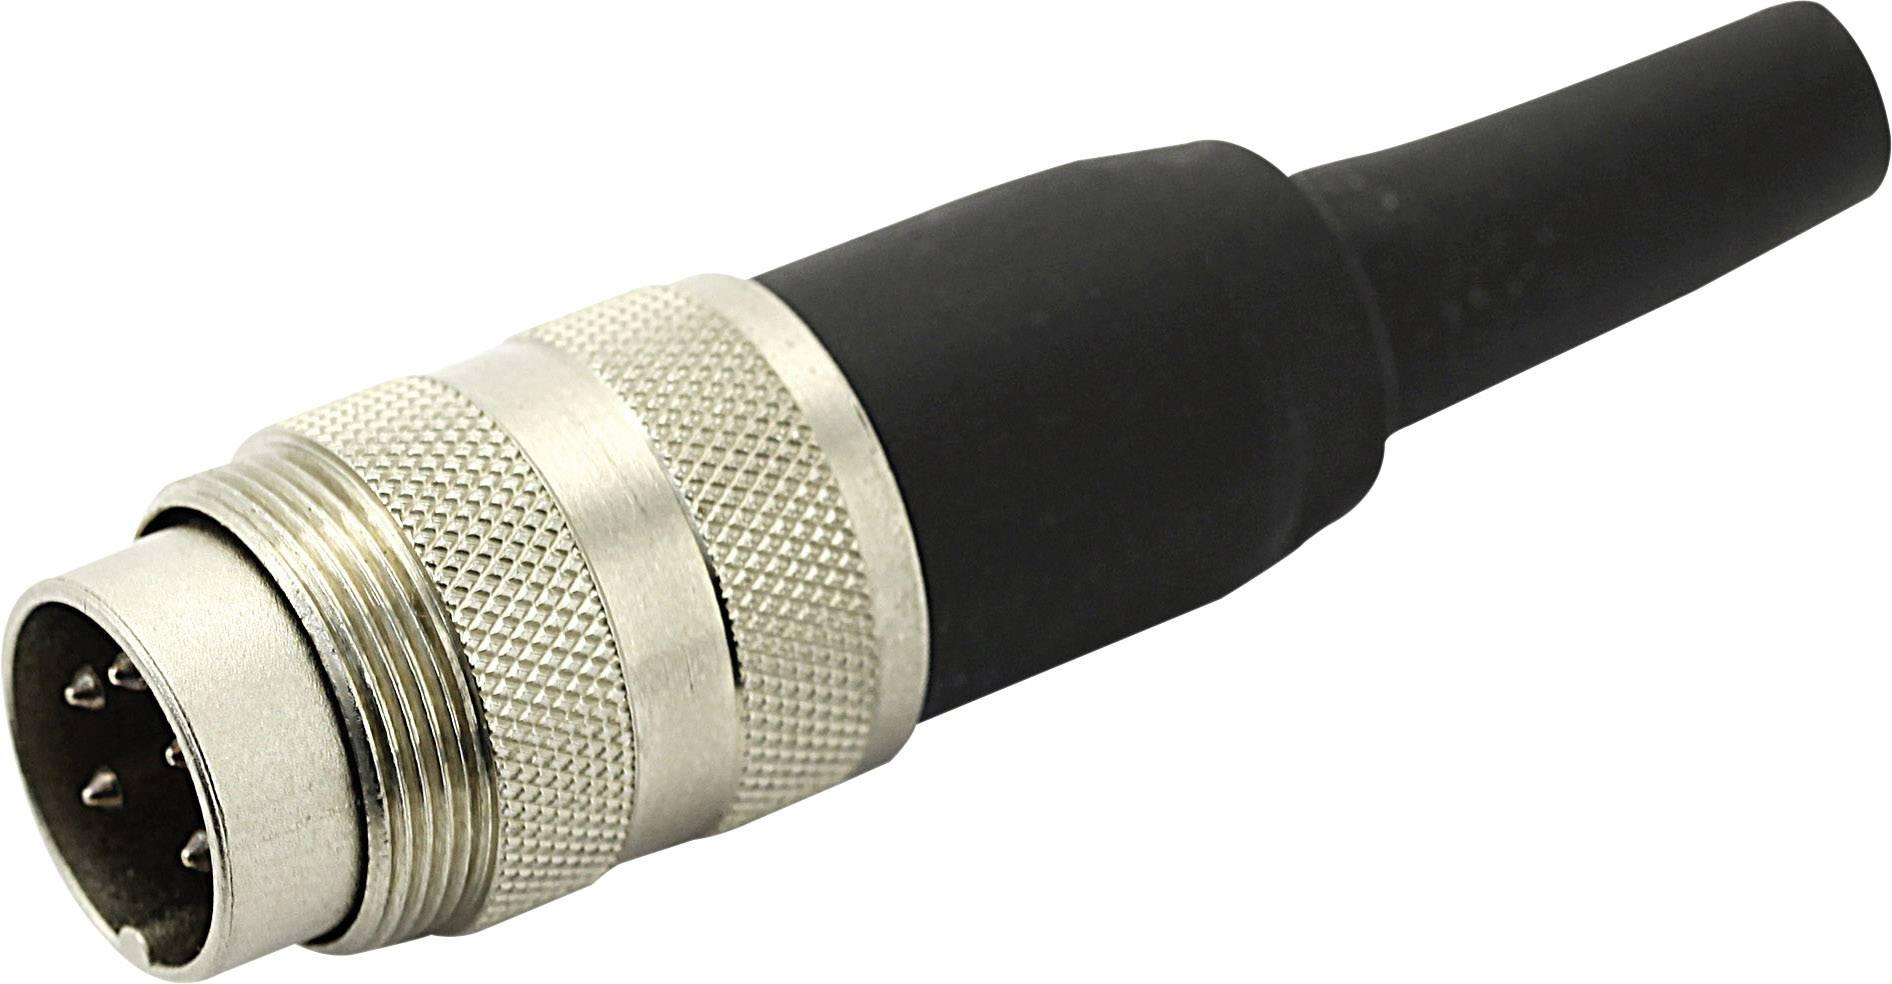 Kabelová zástrčka rovná 7 pólo 3-12 pólová, 250 V, 5 A